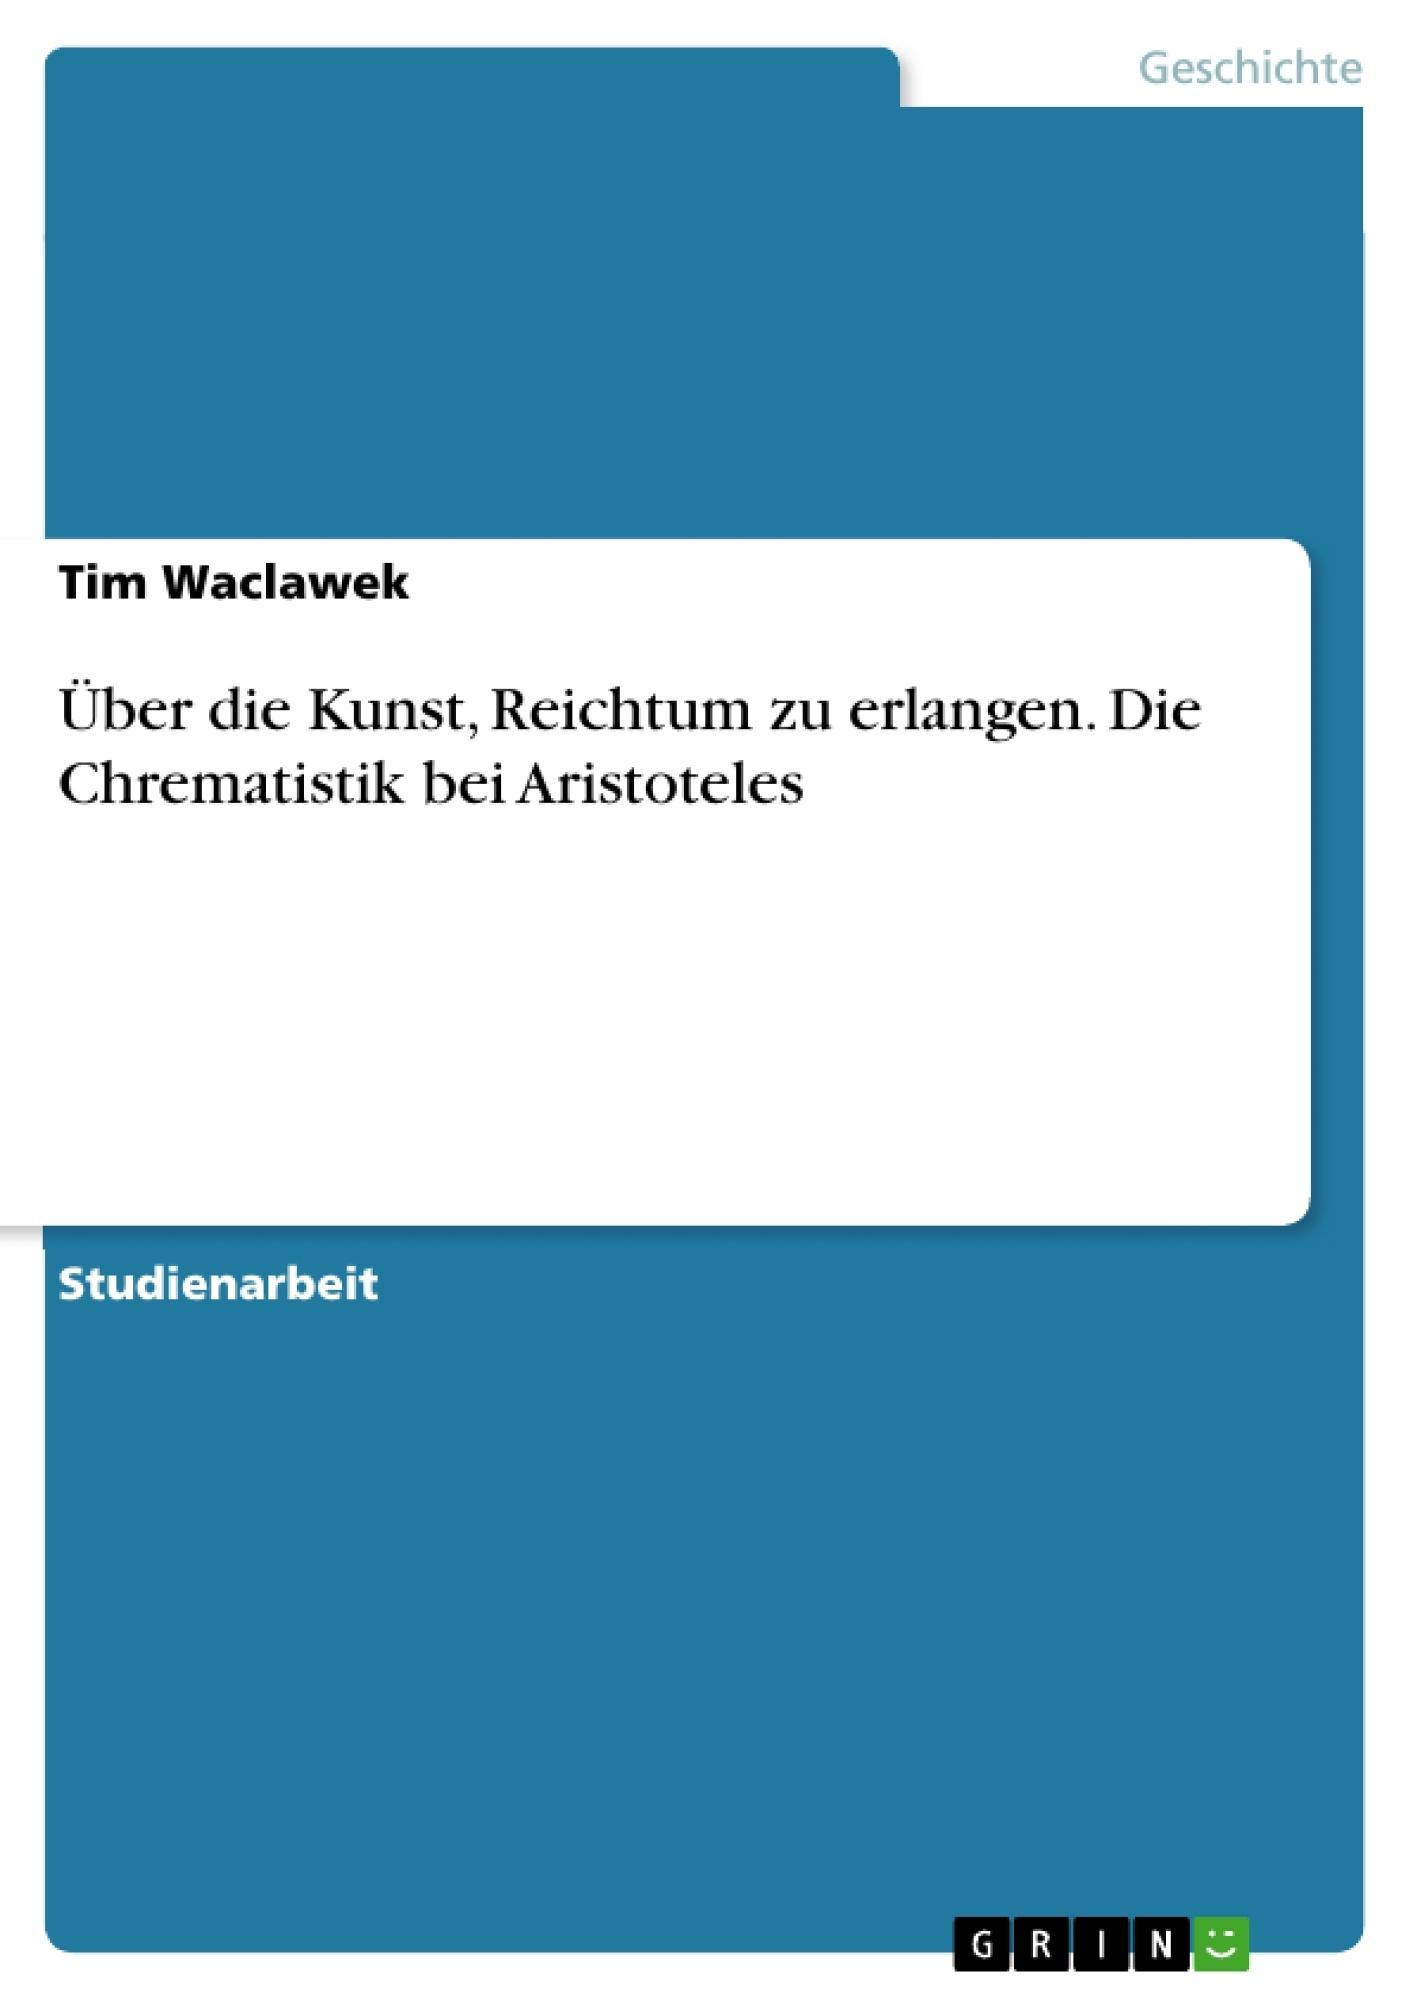 Titel: Über die Kunst, Reichtum zu erlangen. Die Chrematistik bei Aristoteles